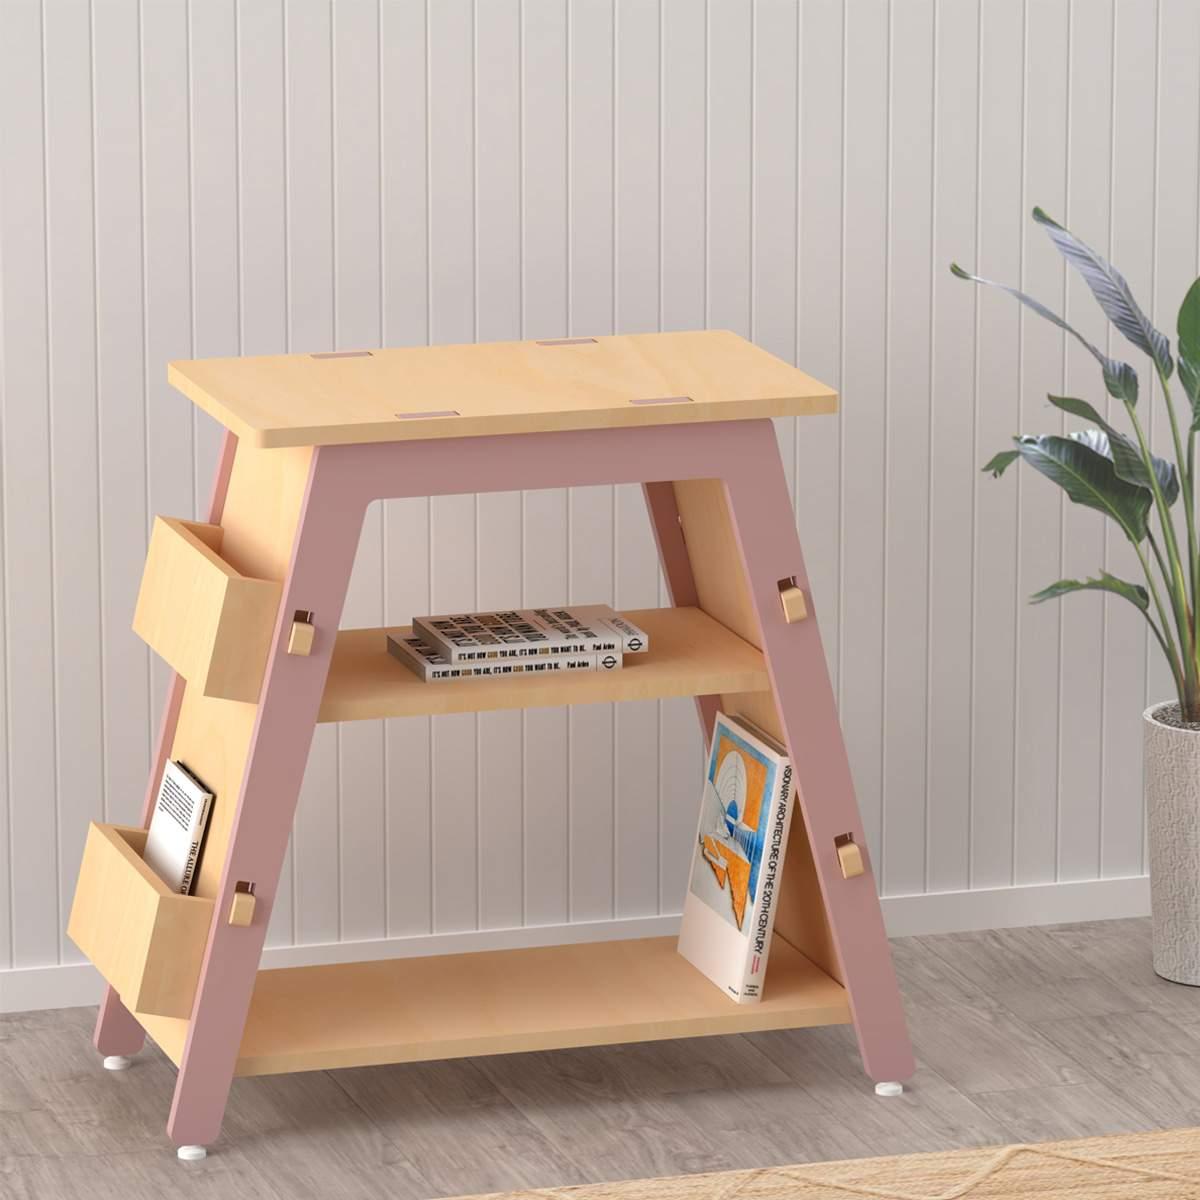 X&Y Book Display Shelf